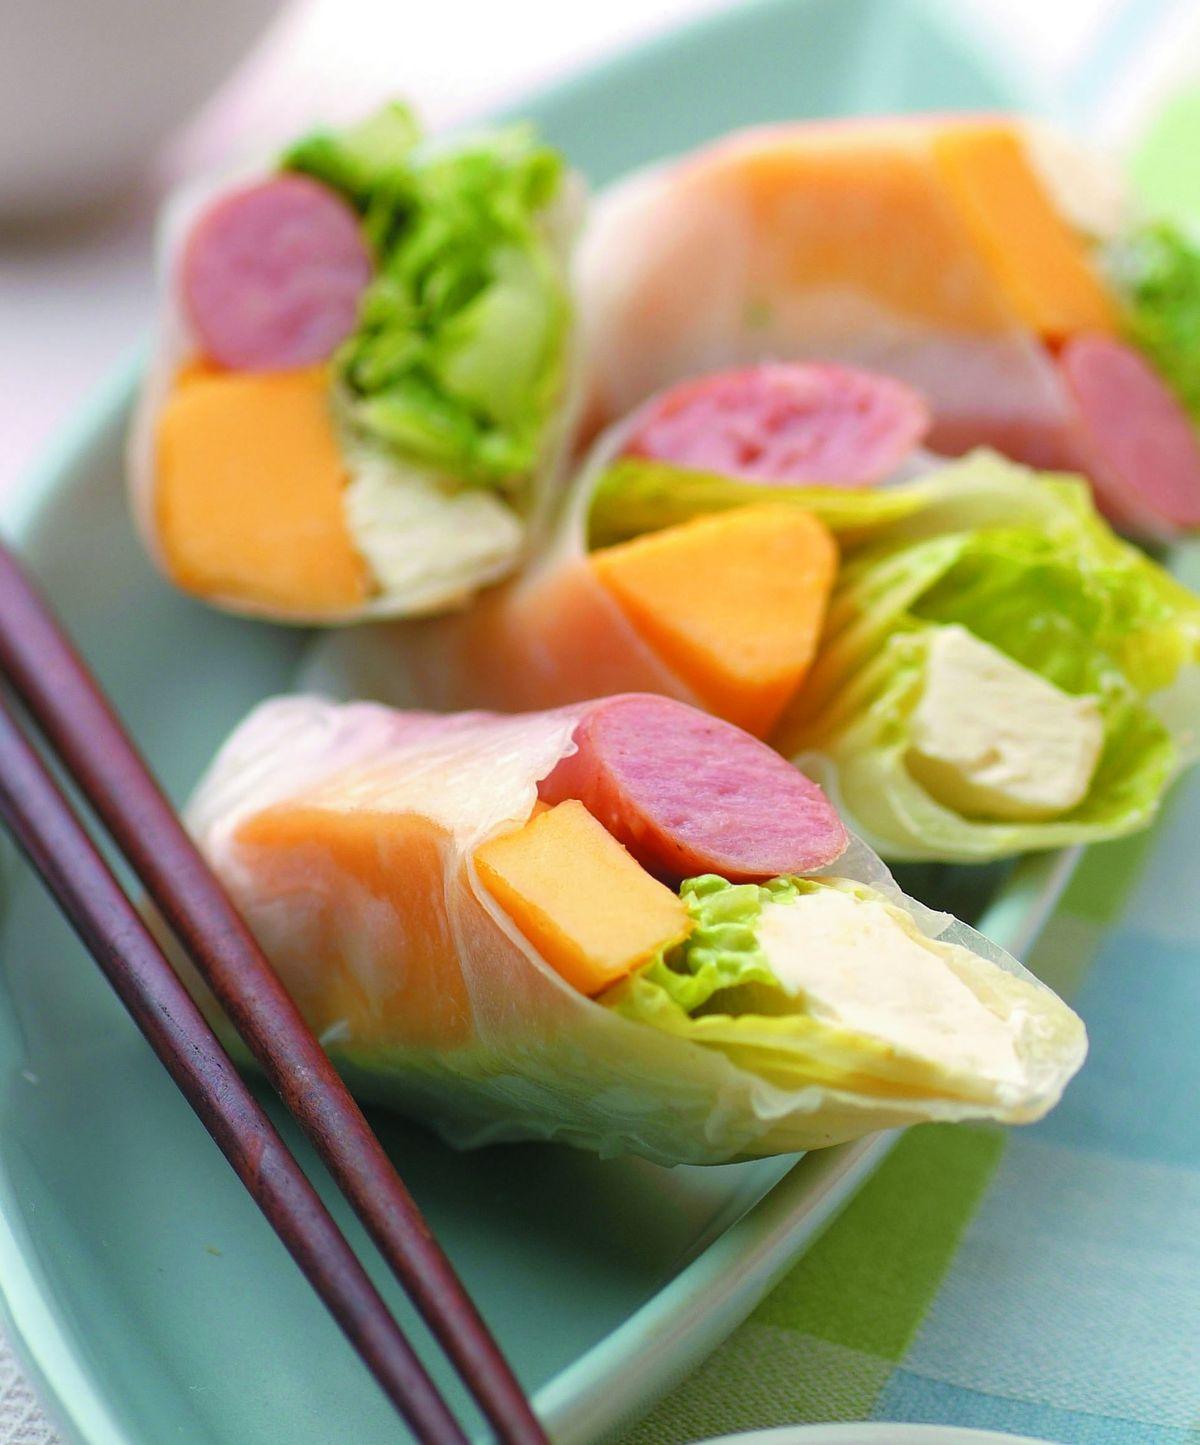 食譜:芒果沙拉春捲